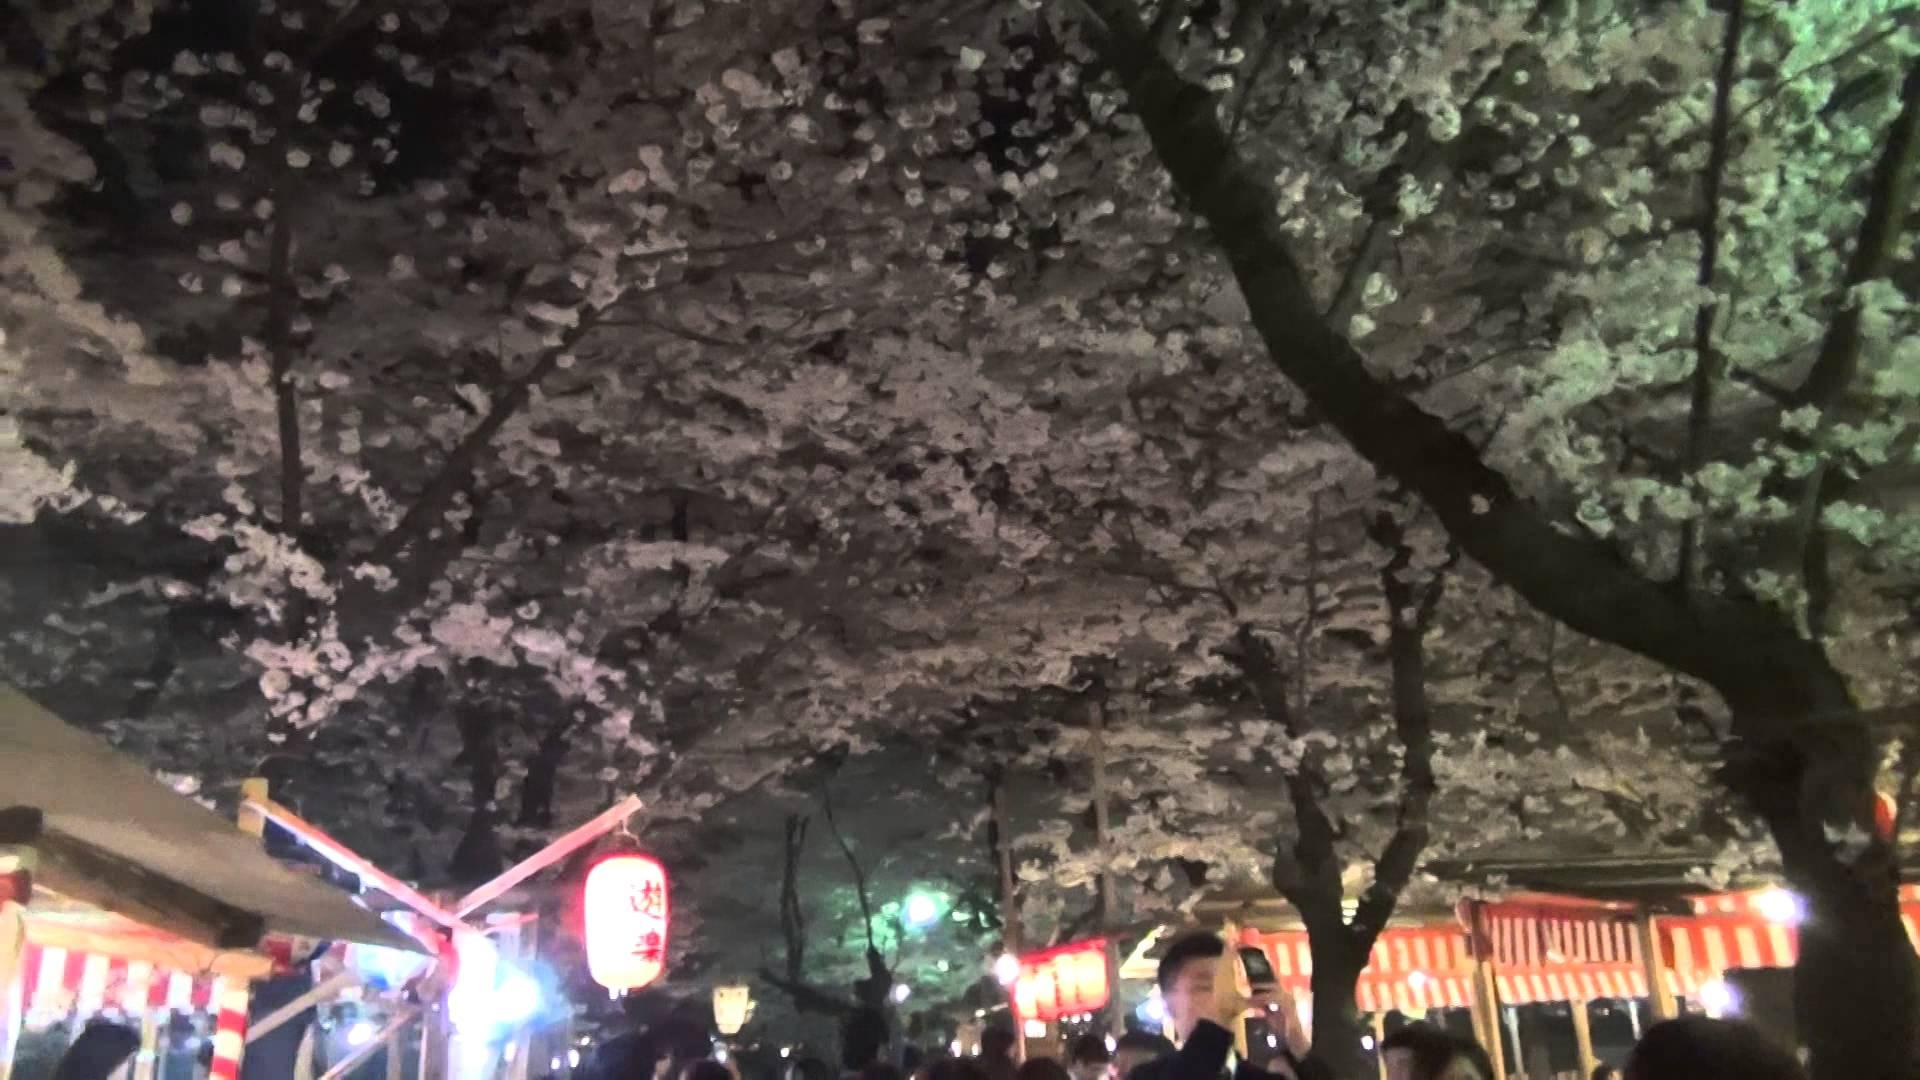 空を覆いつくすほどの夜桜アーチのキレイさに感動!京都が誇る、癒し桜の名所「平野神社」